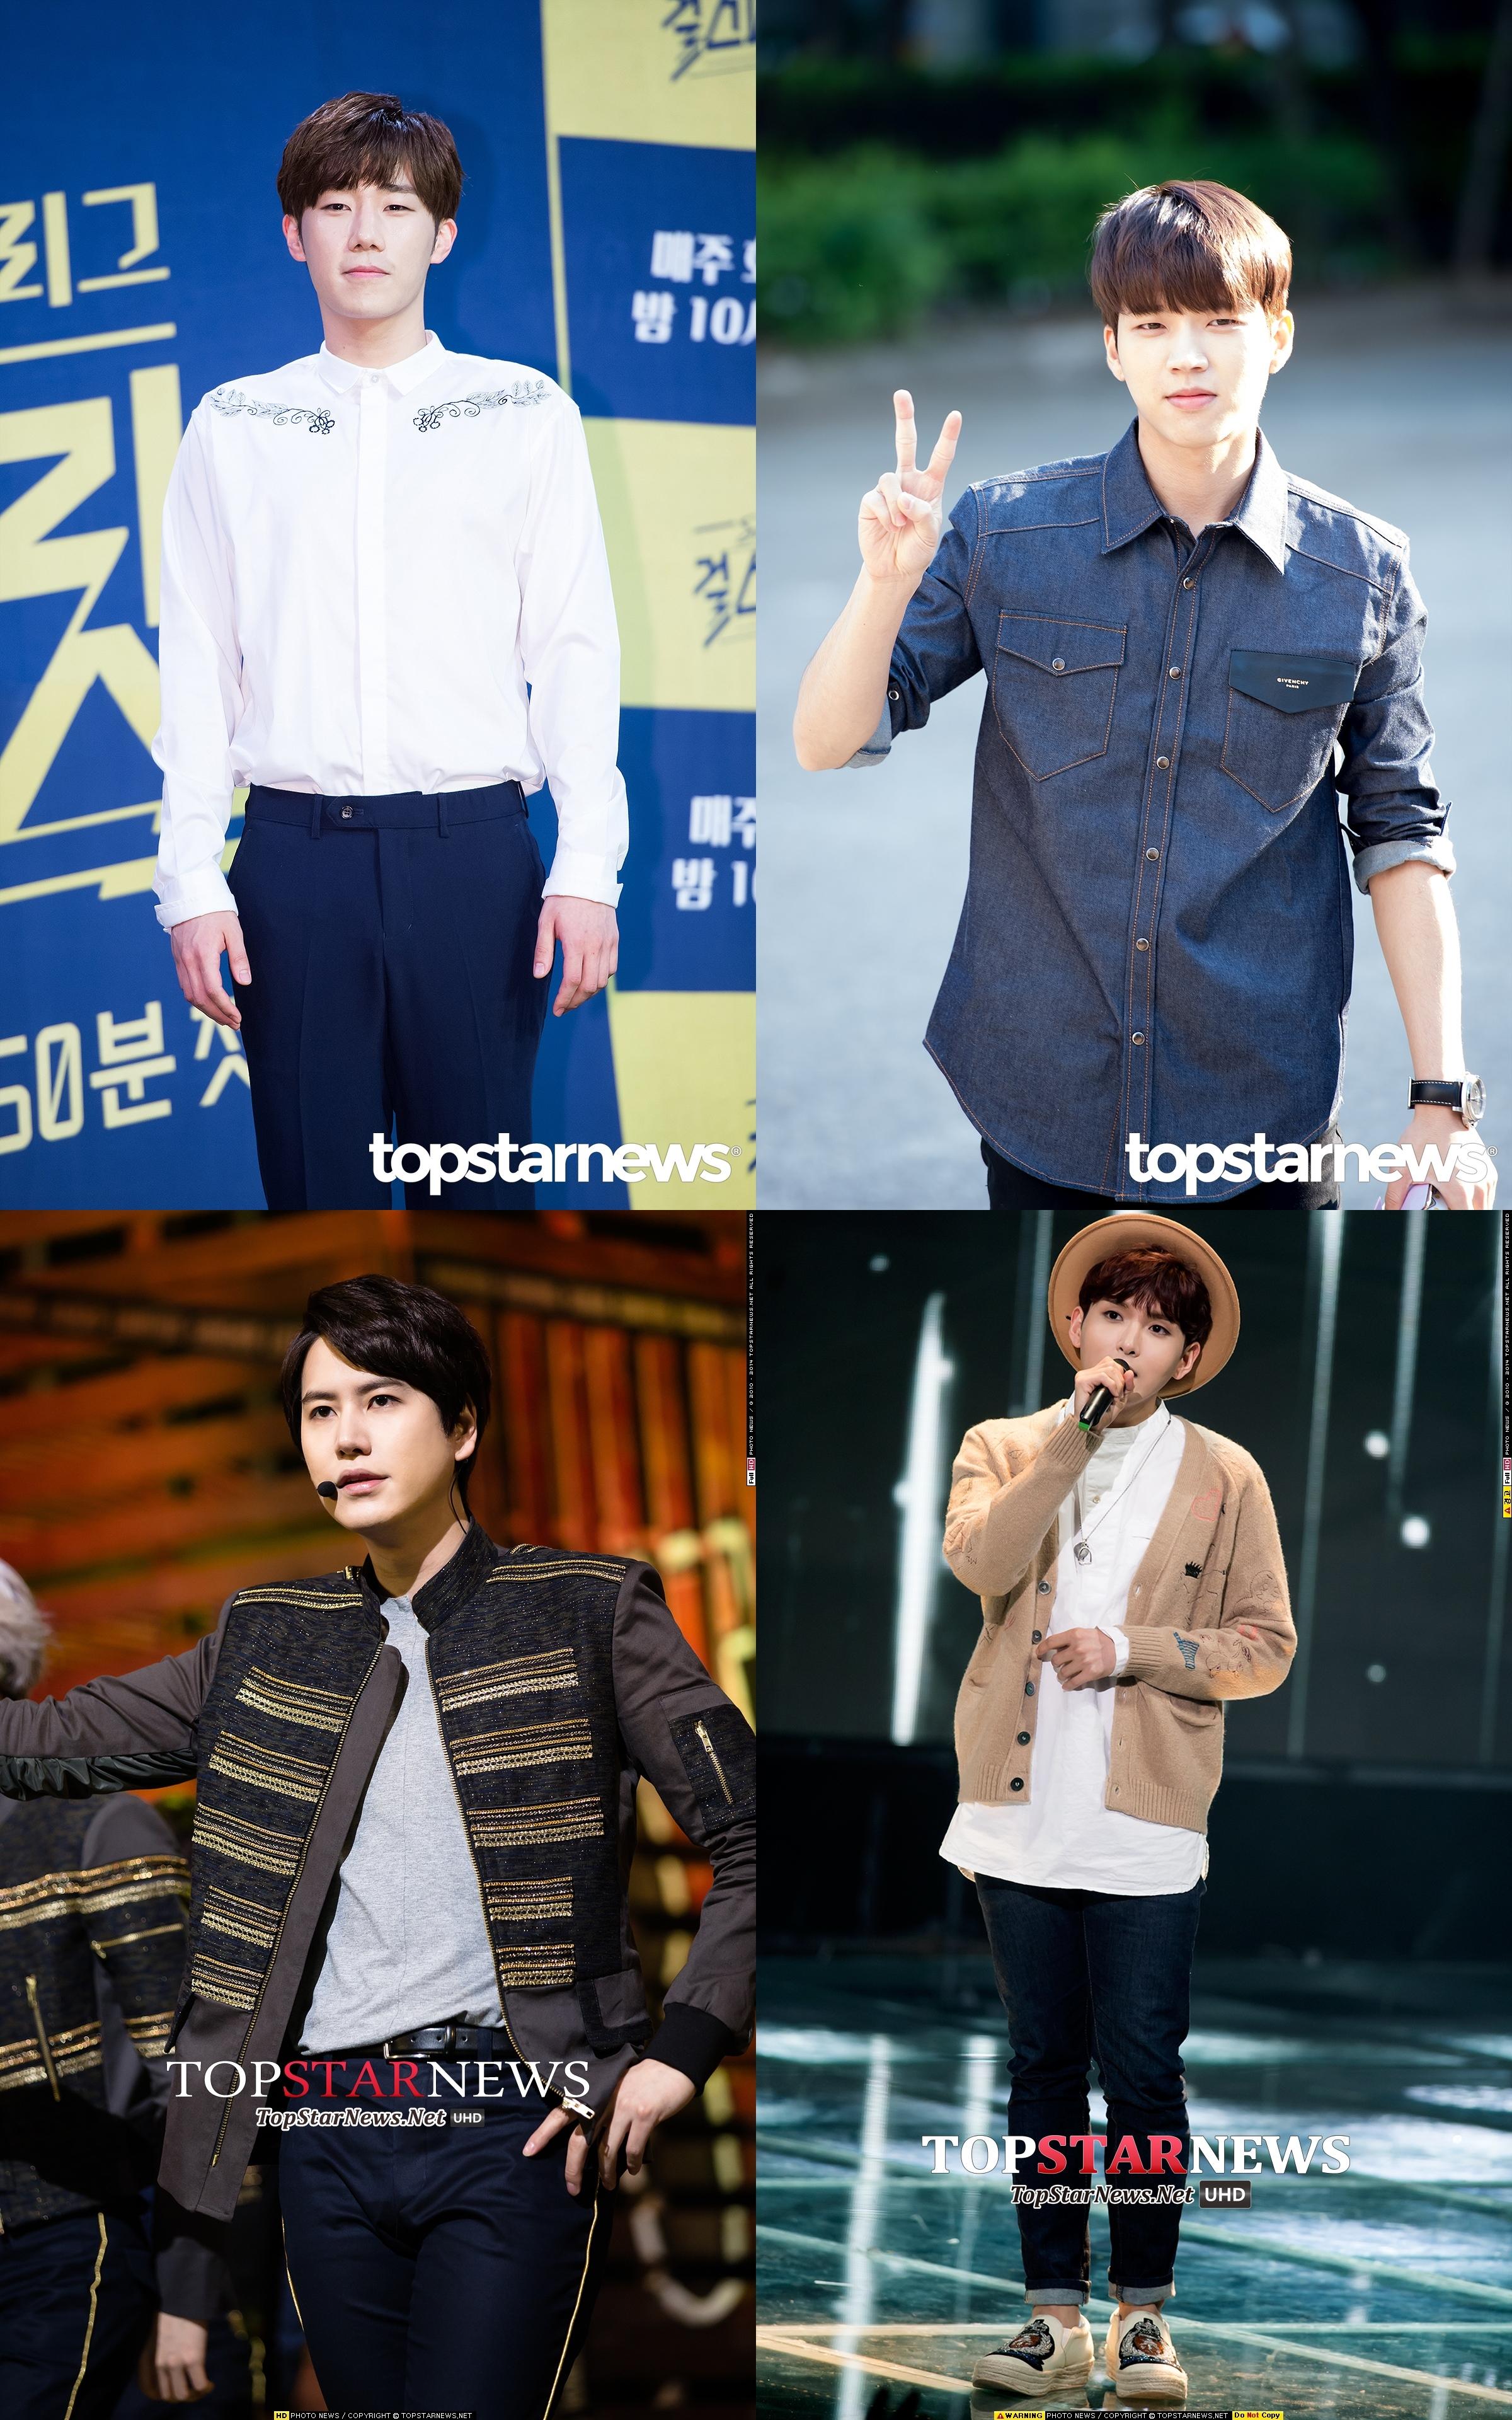 像是Super Junior的圭賢、厲旭、藝聲,INFINITE的聖圭、優鉉等也都有出過Solo專輯,反應也都不錯